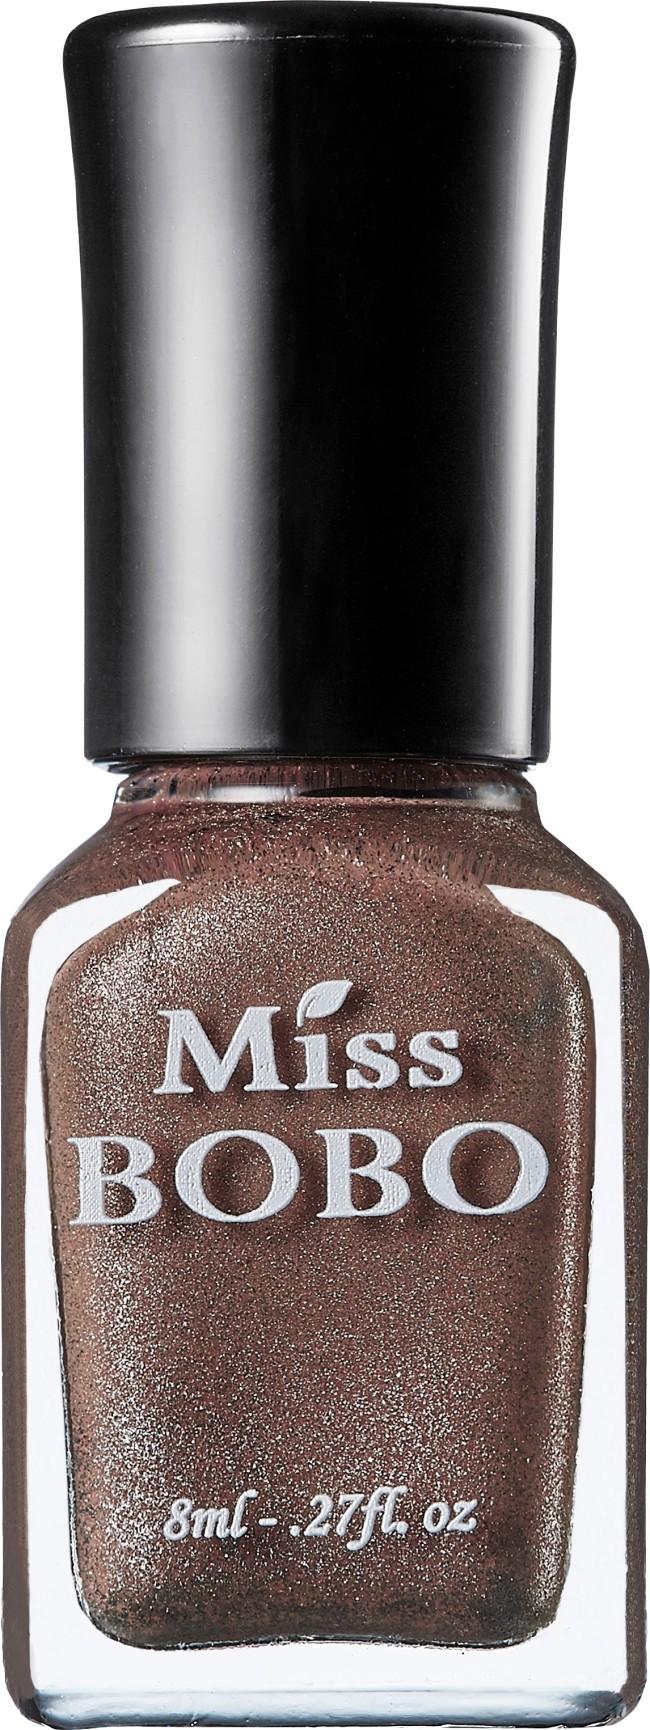 Miss BOBO水性可剝磁力指彩 琥珀金棕